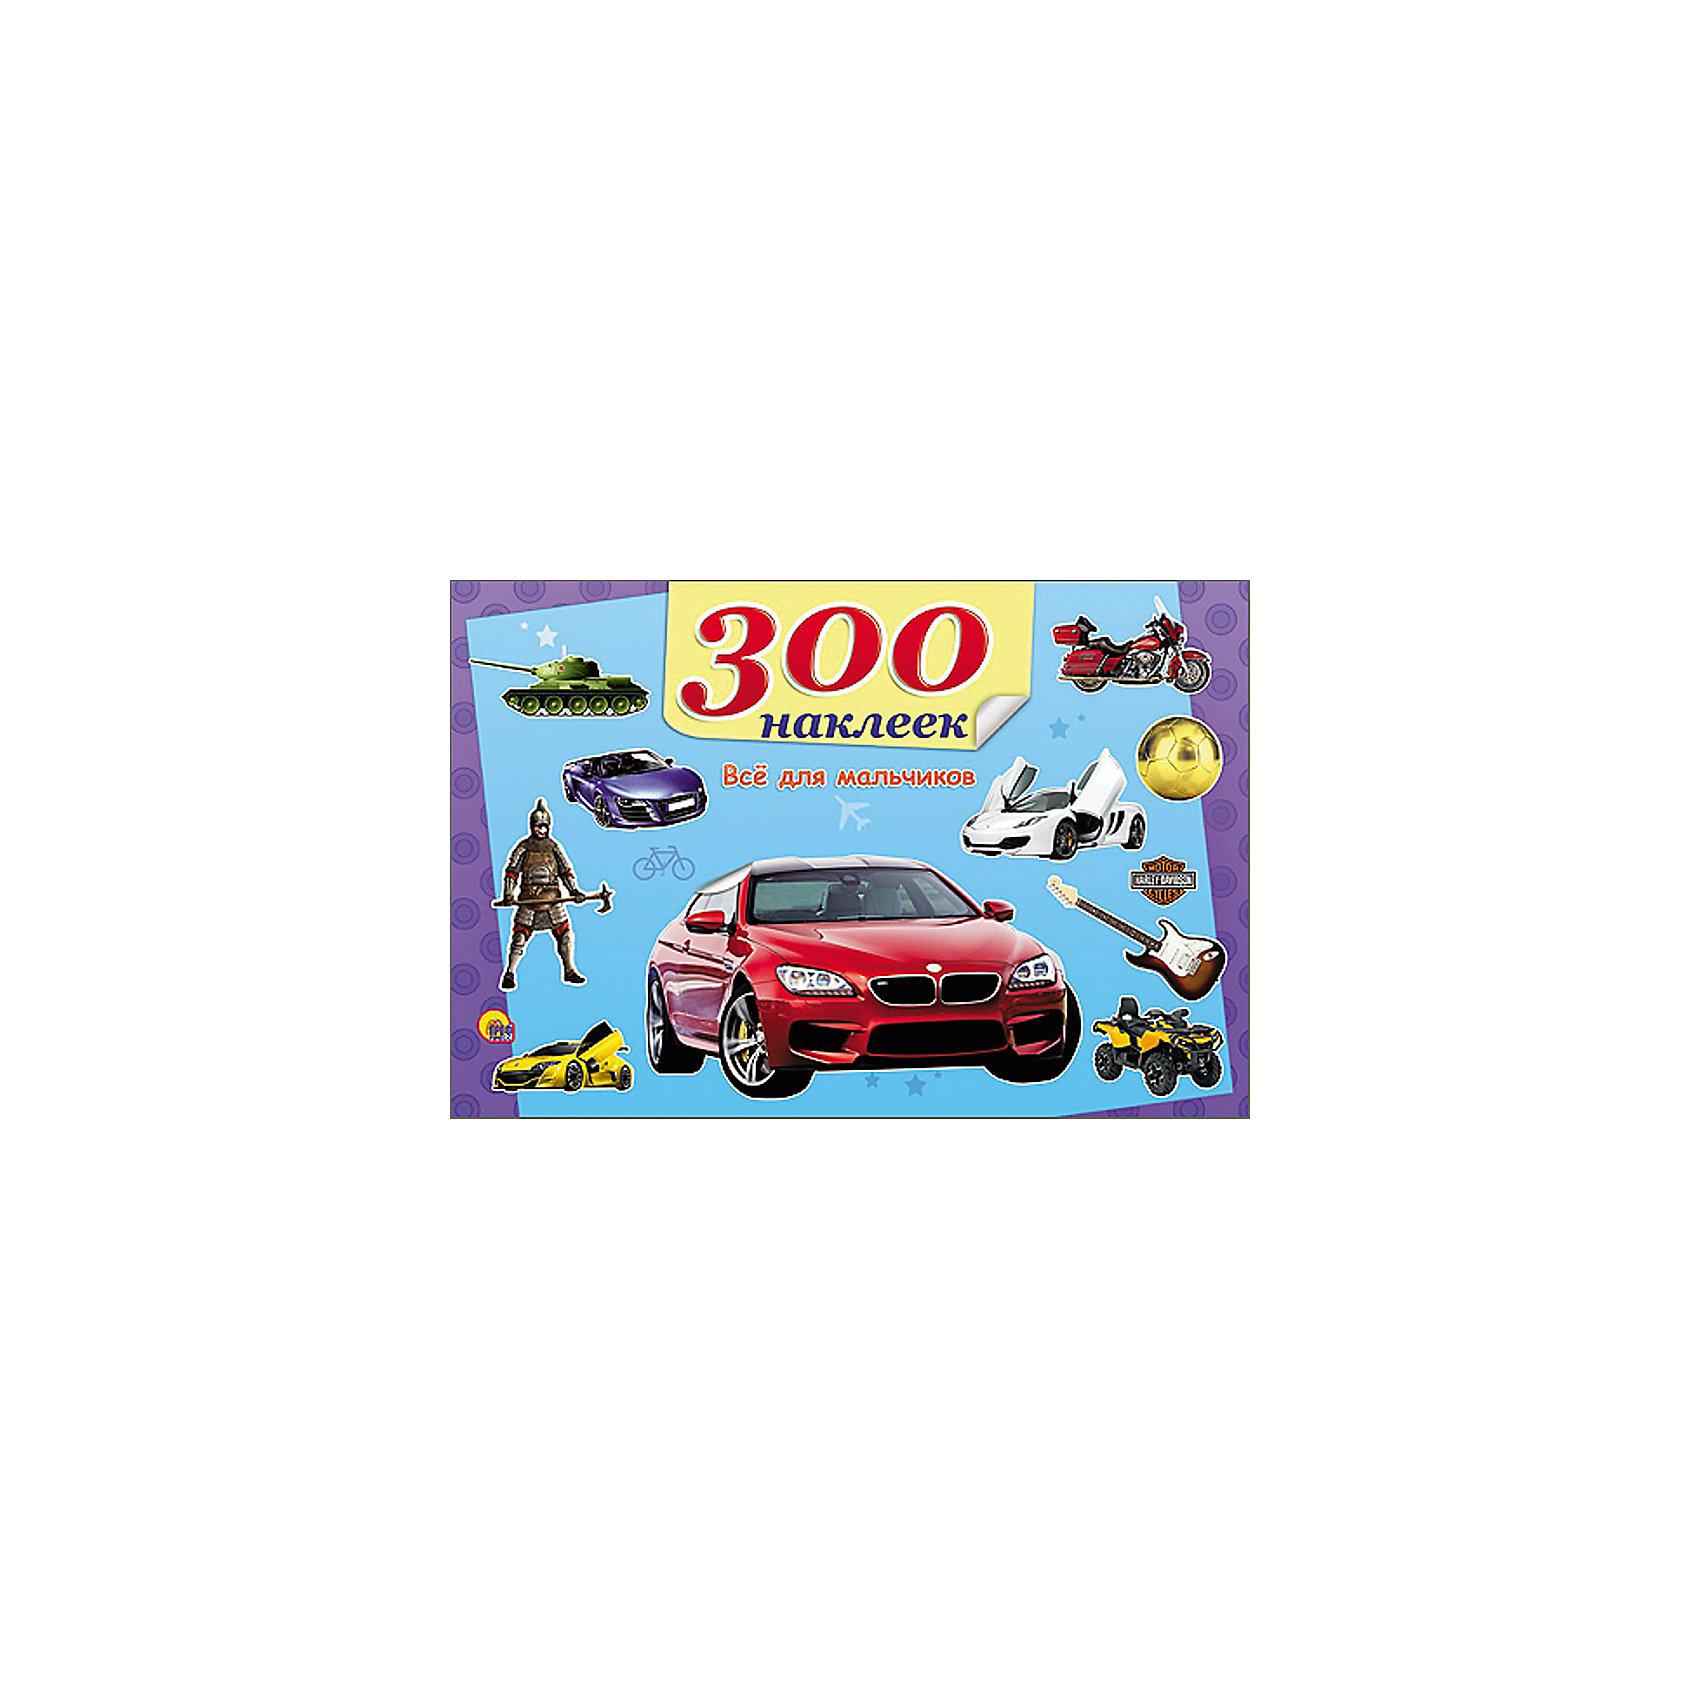 300 наклеек Всё для мальчиков300 наклеек Всё для мальчиков – это калейдоскоп красочных наклеек для развития творческих способностей вашего мальчика.<br>В этом большом чудесном альбоме вашего малыша ждут потрясающие яркие наклейки! В альбоме содержится 300 красочных стикеров с изображениями машин, любимых животных, футбольных мячей, а также разнообразных аксессуаров, которые так нравится каждому мальчику. Наклейки отлично подойдут для украшения аппликаций, открыток, тетрадей или альбомов. Для дошкольного и младшего школьного возраста.<br><br>Дополнительная информация:<br><br>- Издательство: Проф-Пресс, 2015 г.<br>- Серия: 300 наклеек<br>- Тип обложки: мягкий переплет (крепление скрепкой или клеем)<br>- Оформление: с наклейками<br>- Иллюстрации: цветные<br>- Количество страниц: 8 (мелованная)<br>- Размер: 197x290x3 мм.<br>- Вес: 112 гр.<br><br>Альбом 300 наклеек Всё для мальчиков можно купить в нашем интернет-магазине.<br><br>Ширина мм: 295<br>Глубина мм: 3<br>Высота мм: 200<br>Вес г: 150<br>Возраст от месяцев: 0<br>Возраст до месяцев: 36<br>Пол: Мужской<br>Возраст: Детский<br>SKU: 4500301